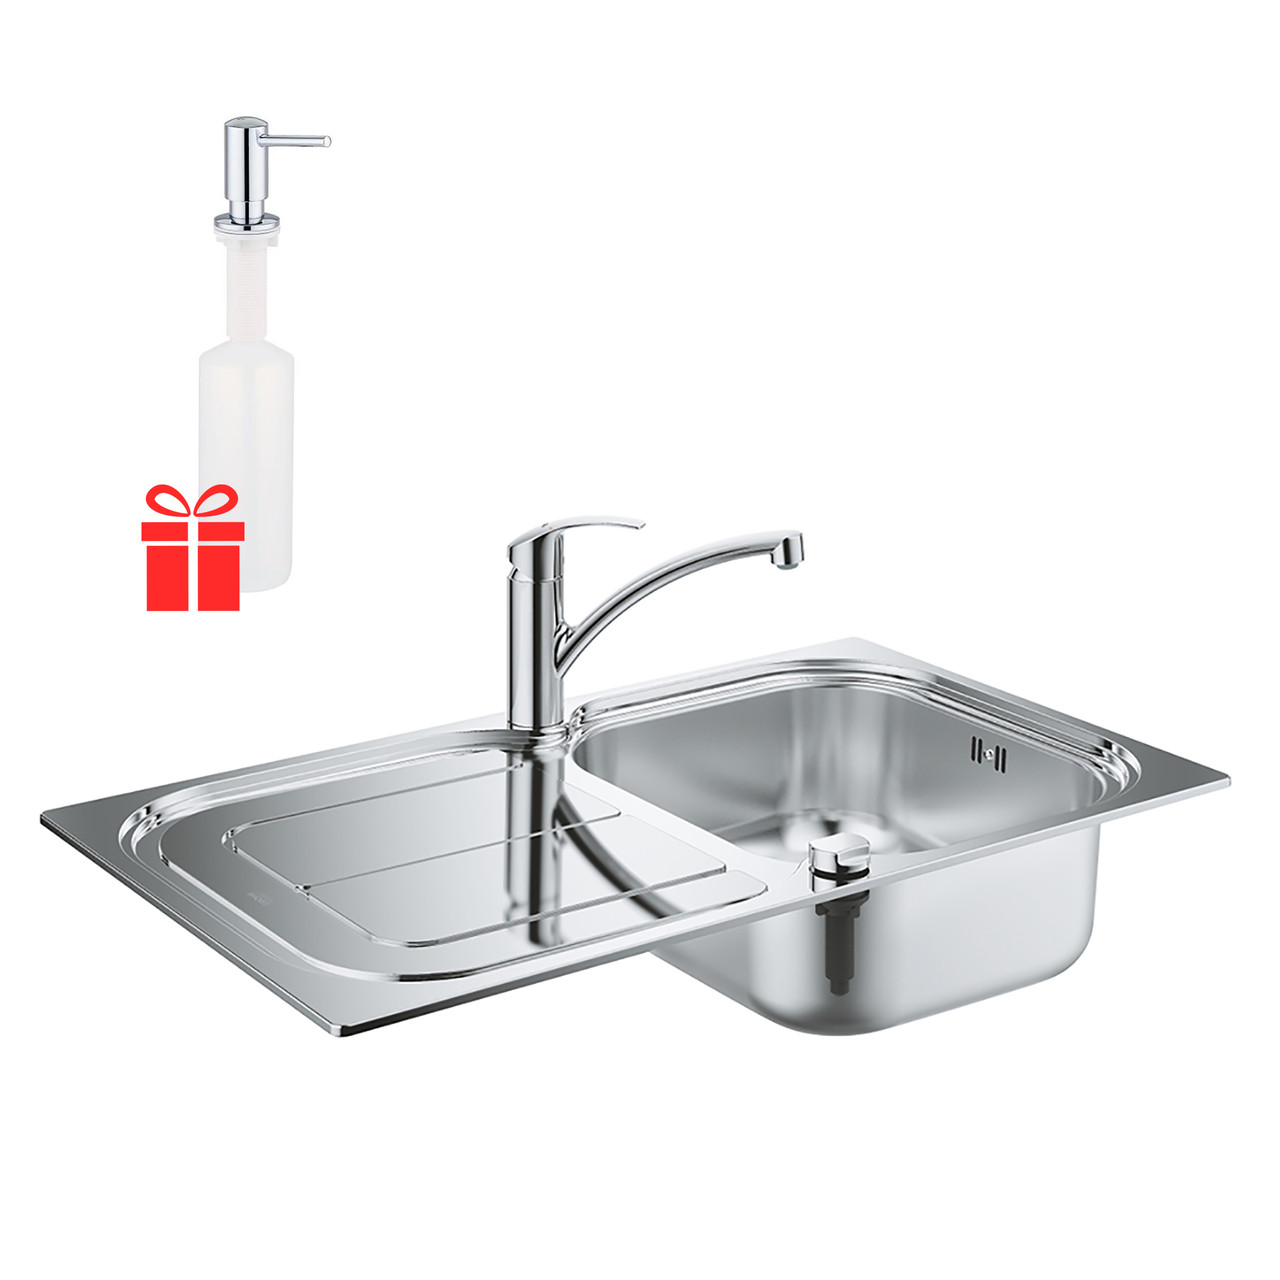 Набор Grohe мойка кухонная K300 31565SD0 + смеситель Eurosmart 33281002 + дозатор для моющего средства